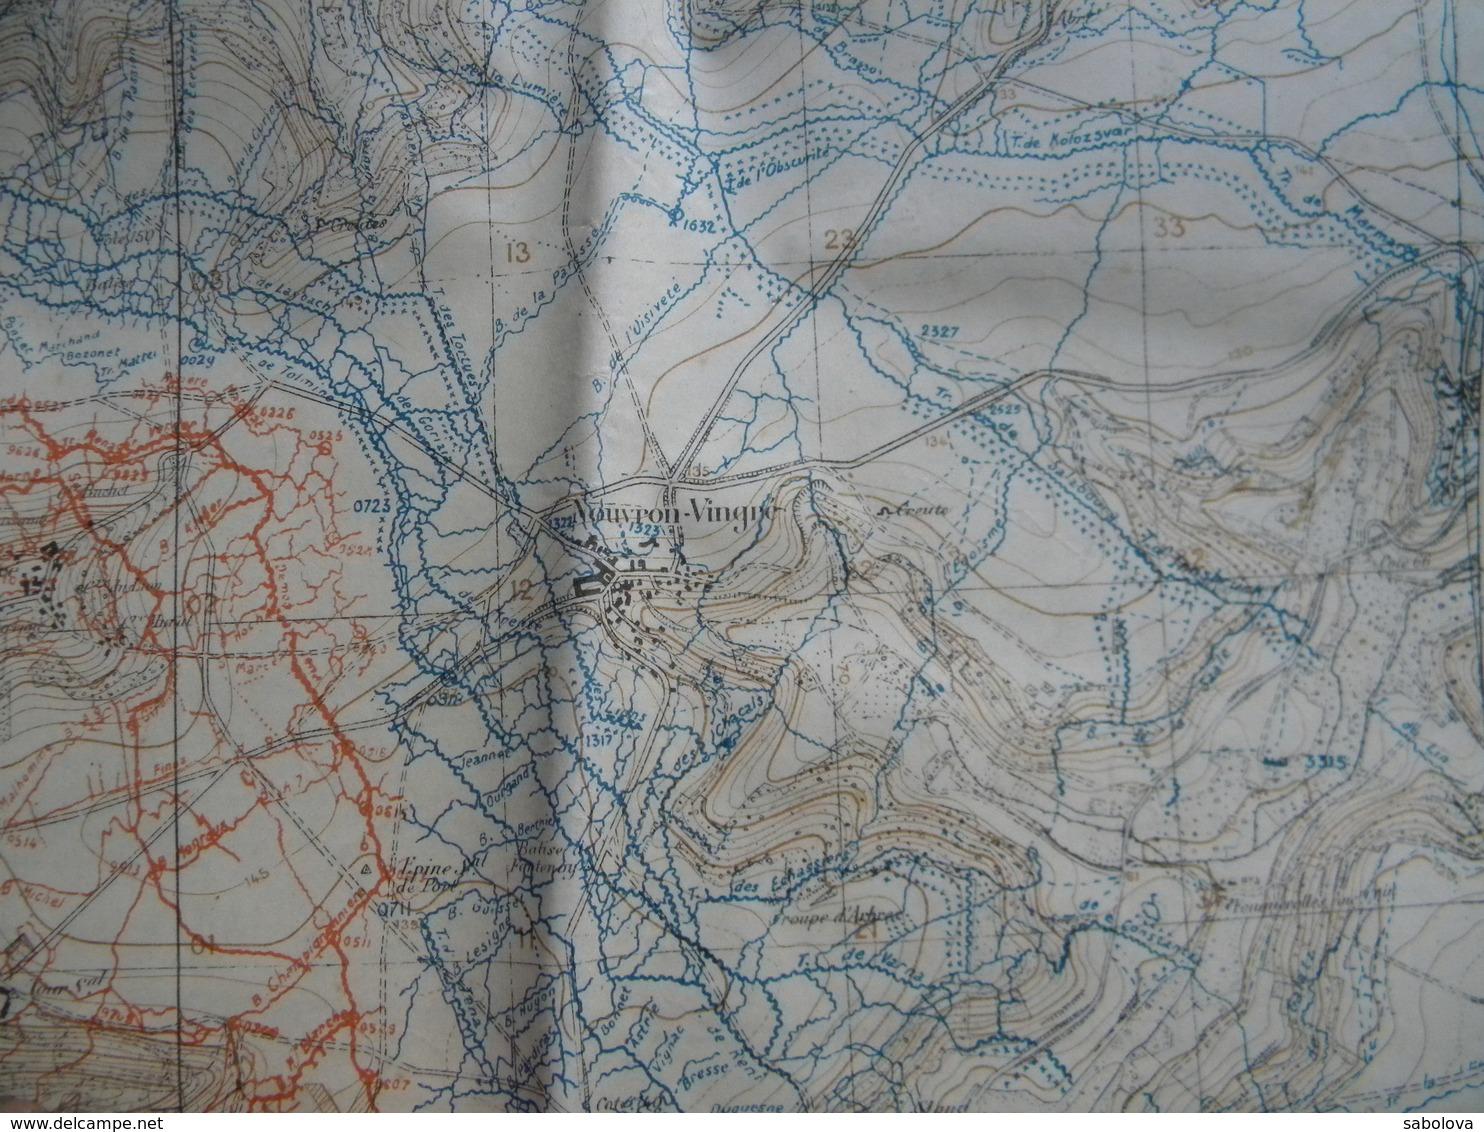 1914/1918 Carte 1/20000 état Major 2,06/0,75 Mètre. Chauny Près Laon. Juillet 2018. Vue Sur Tranchées Nommées Et Chemins - Mappe